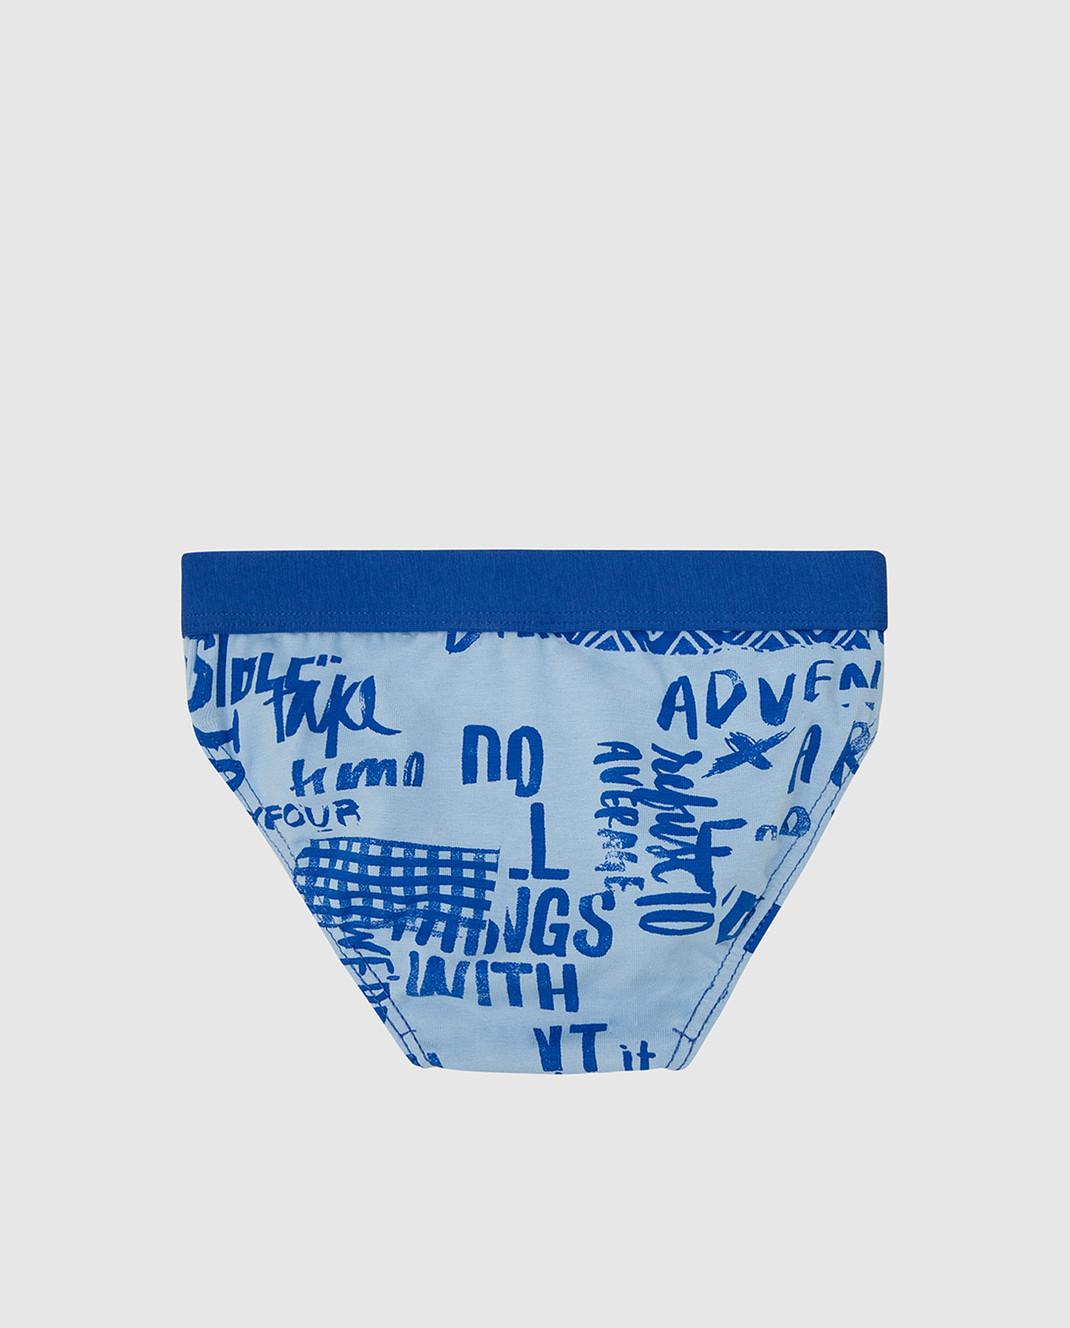 RiminiVeste Детские голубые трусики изображение 2